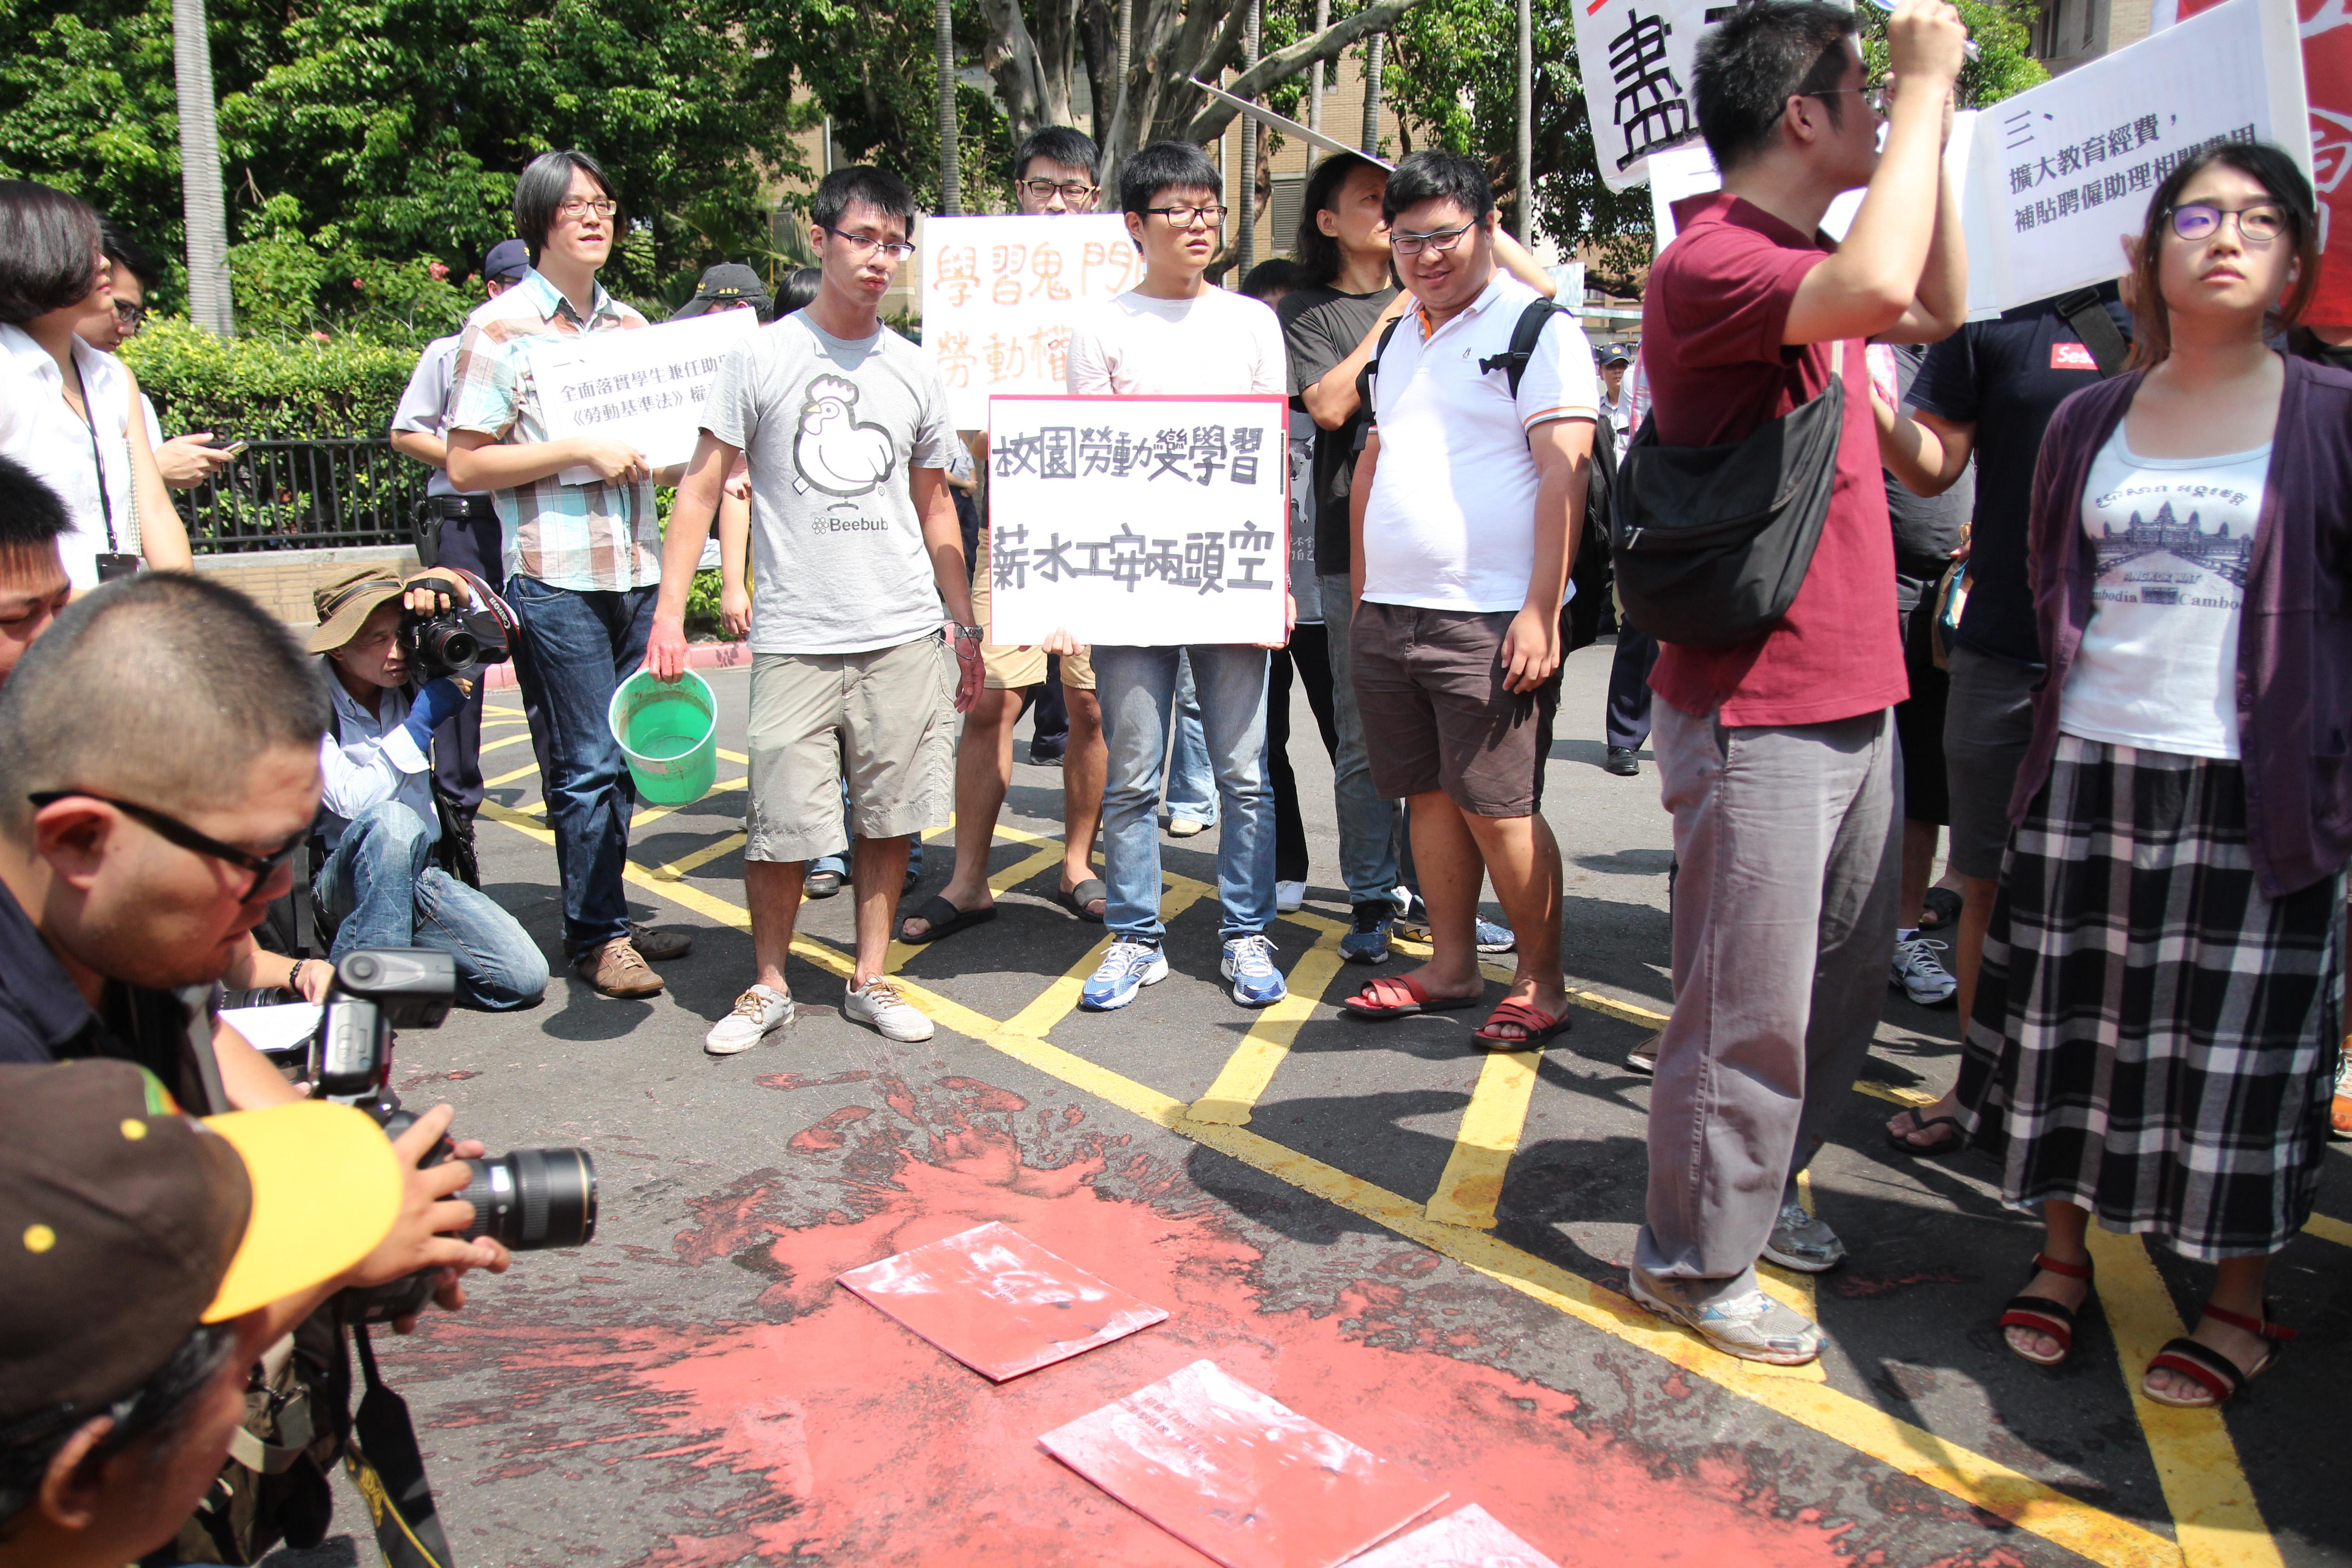 現場學生將印有個大校長照片及發言的字卡丟在地上,並淋上紅油漆,抗議校長壓榨學生助理血汗。 圖/張方慈攝